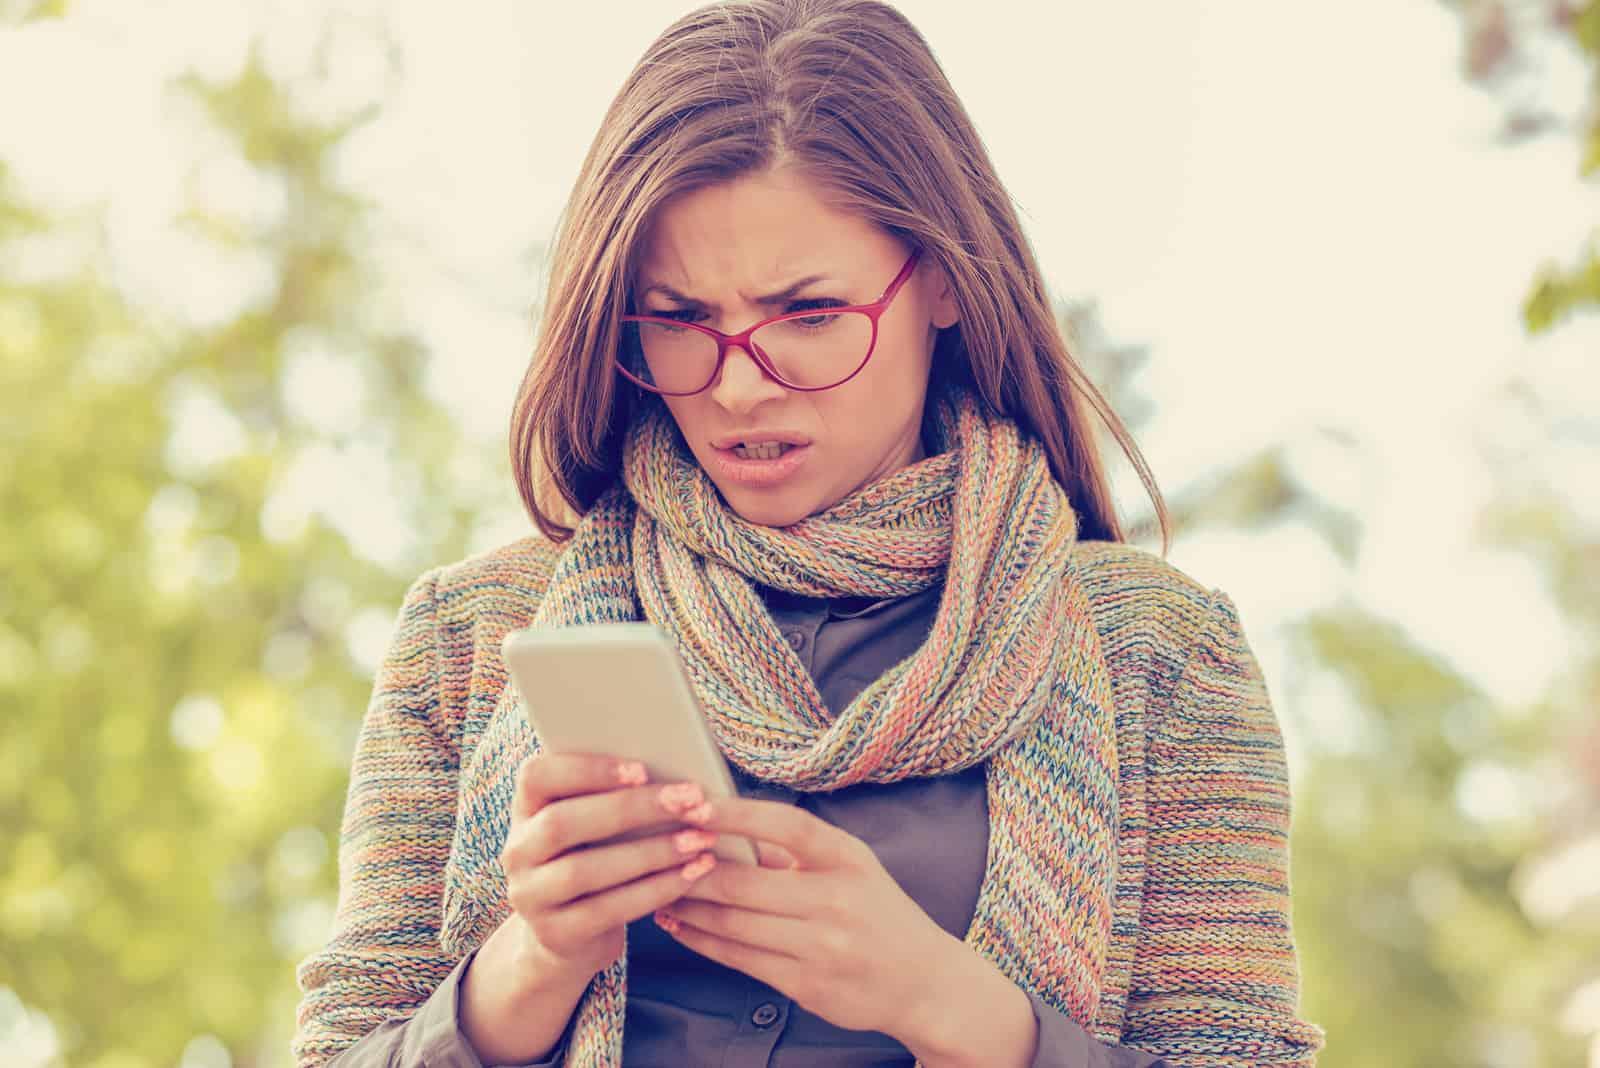 une femme agacée se lève et tient un téléphone dans sa main